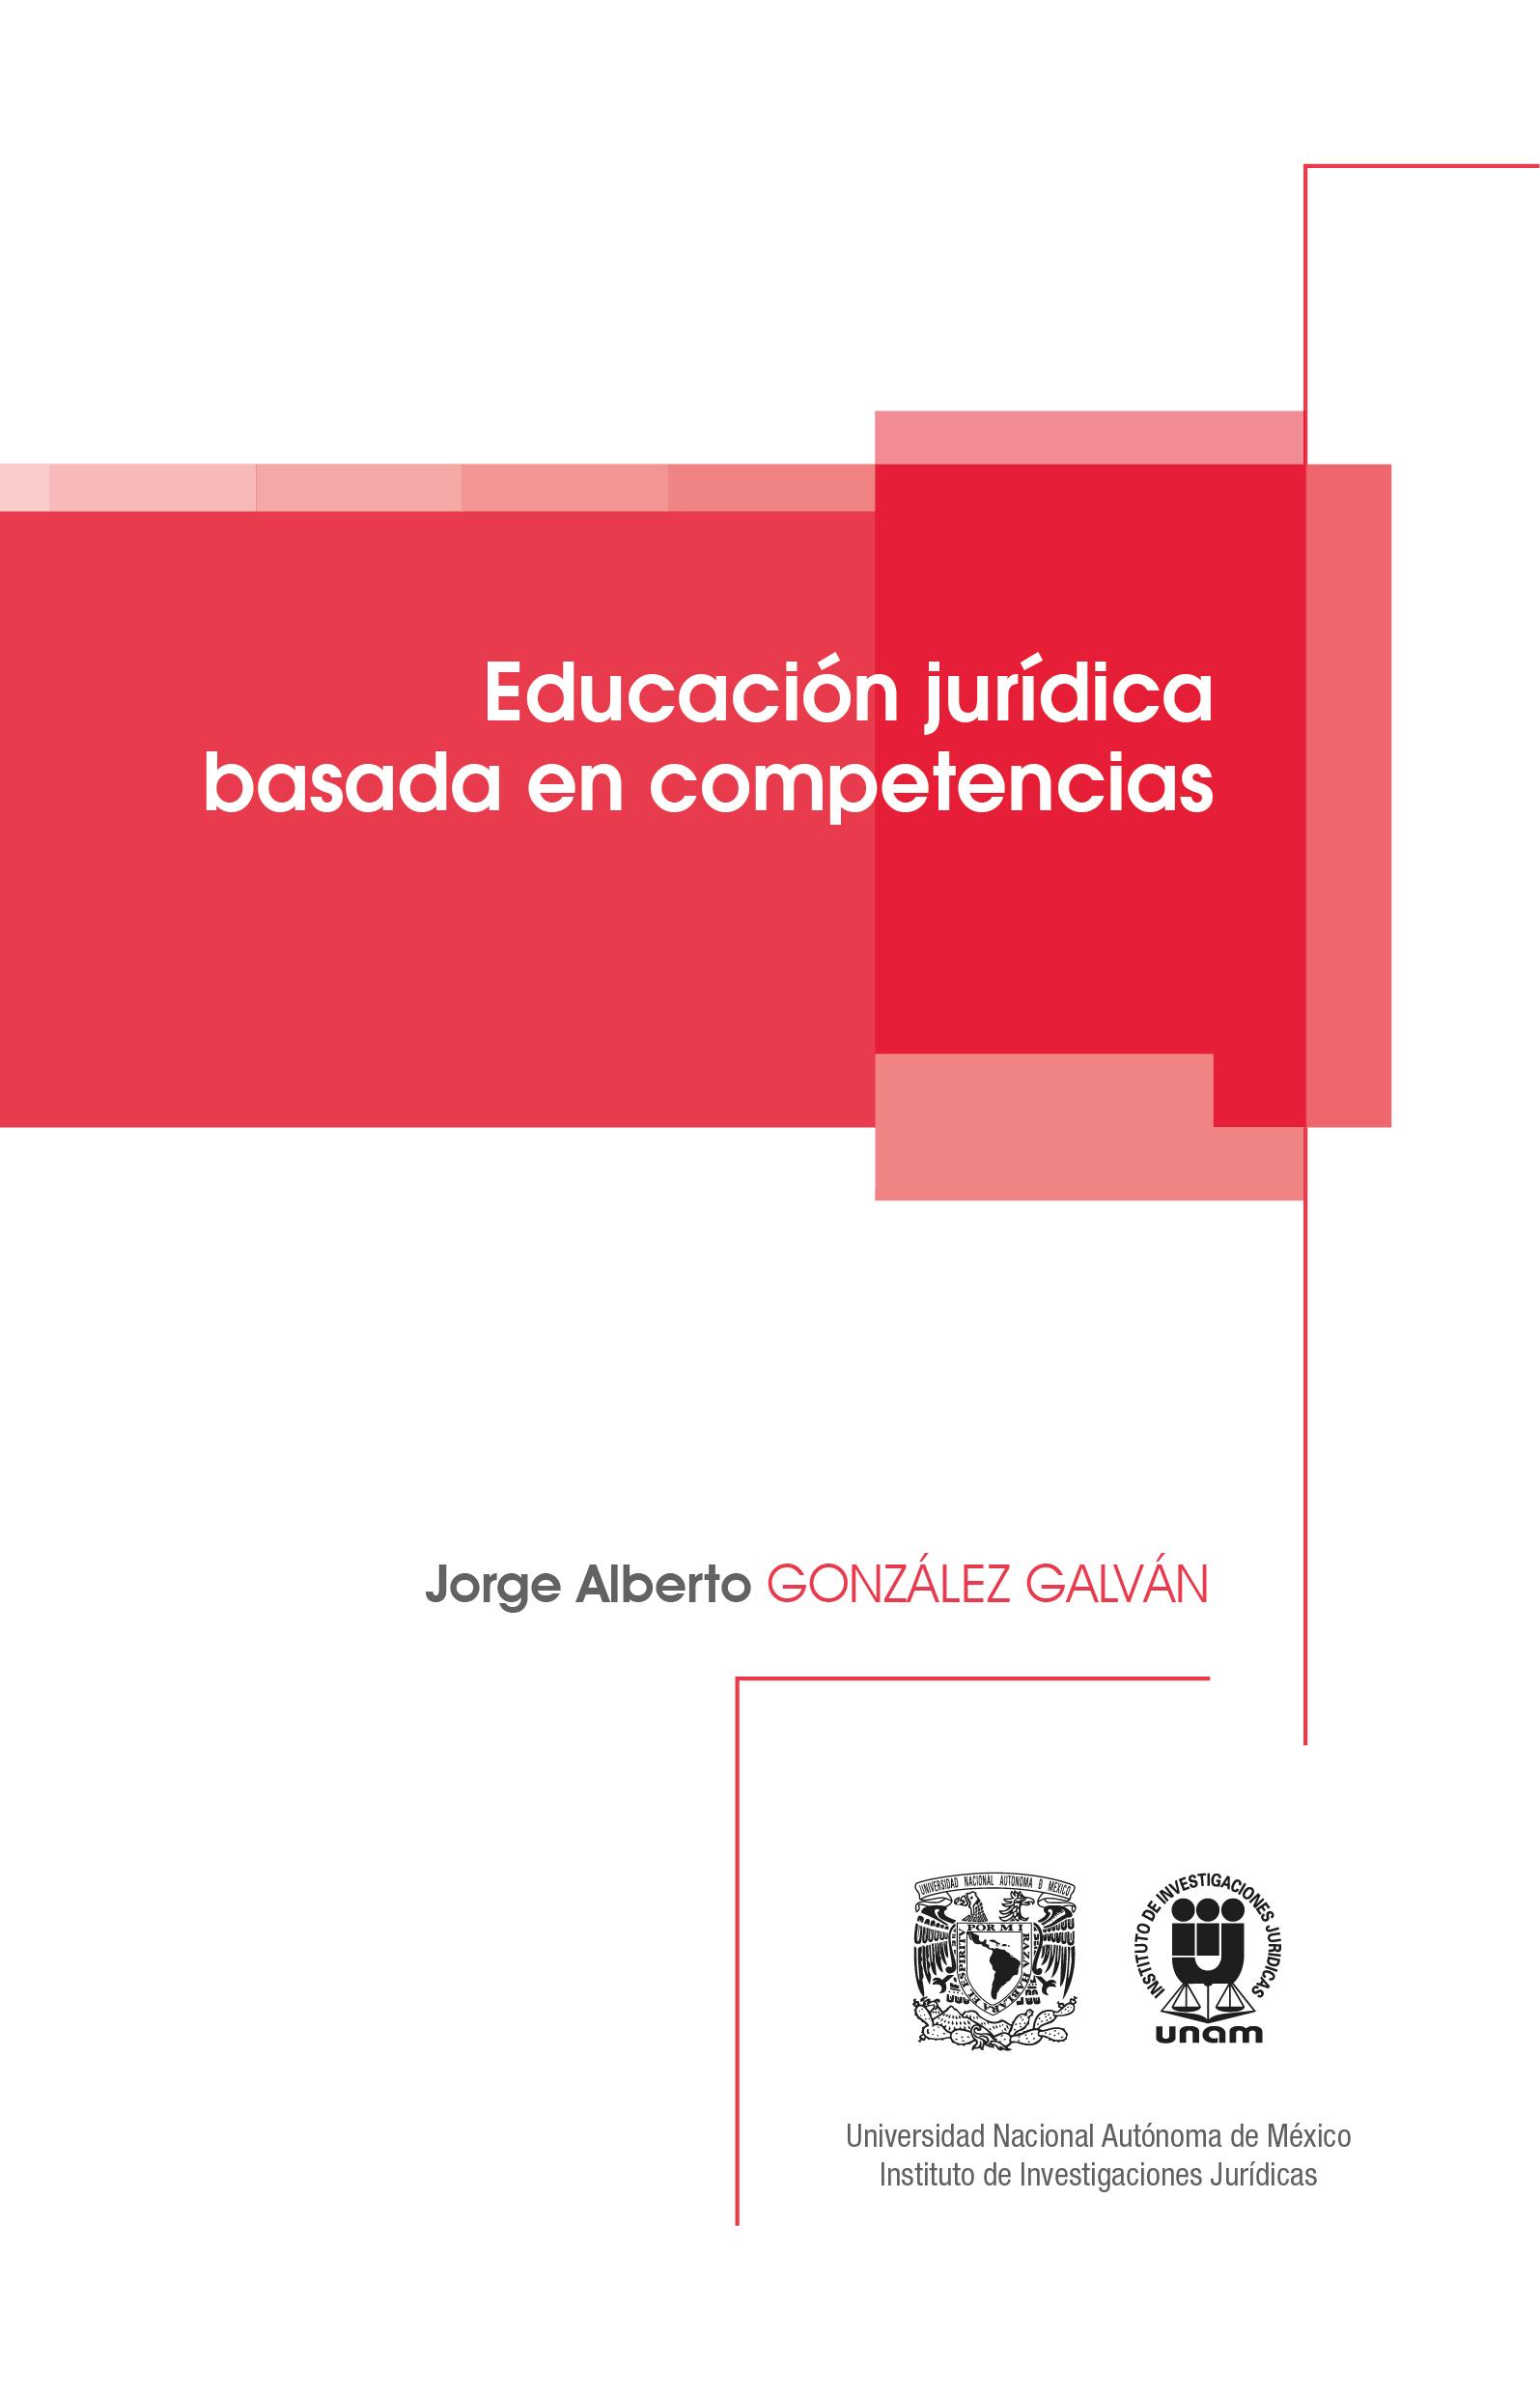 Educación jurídica basada en competencias